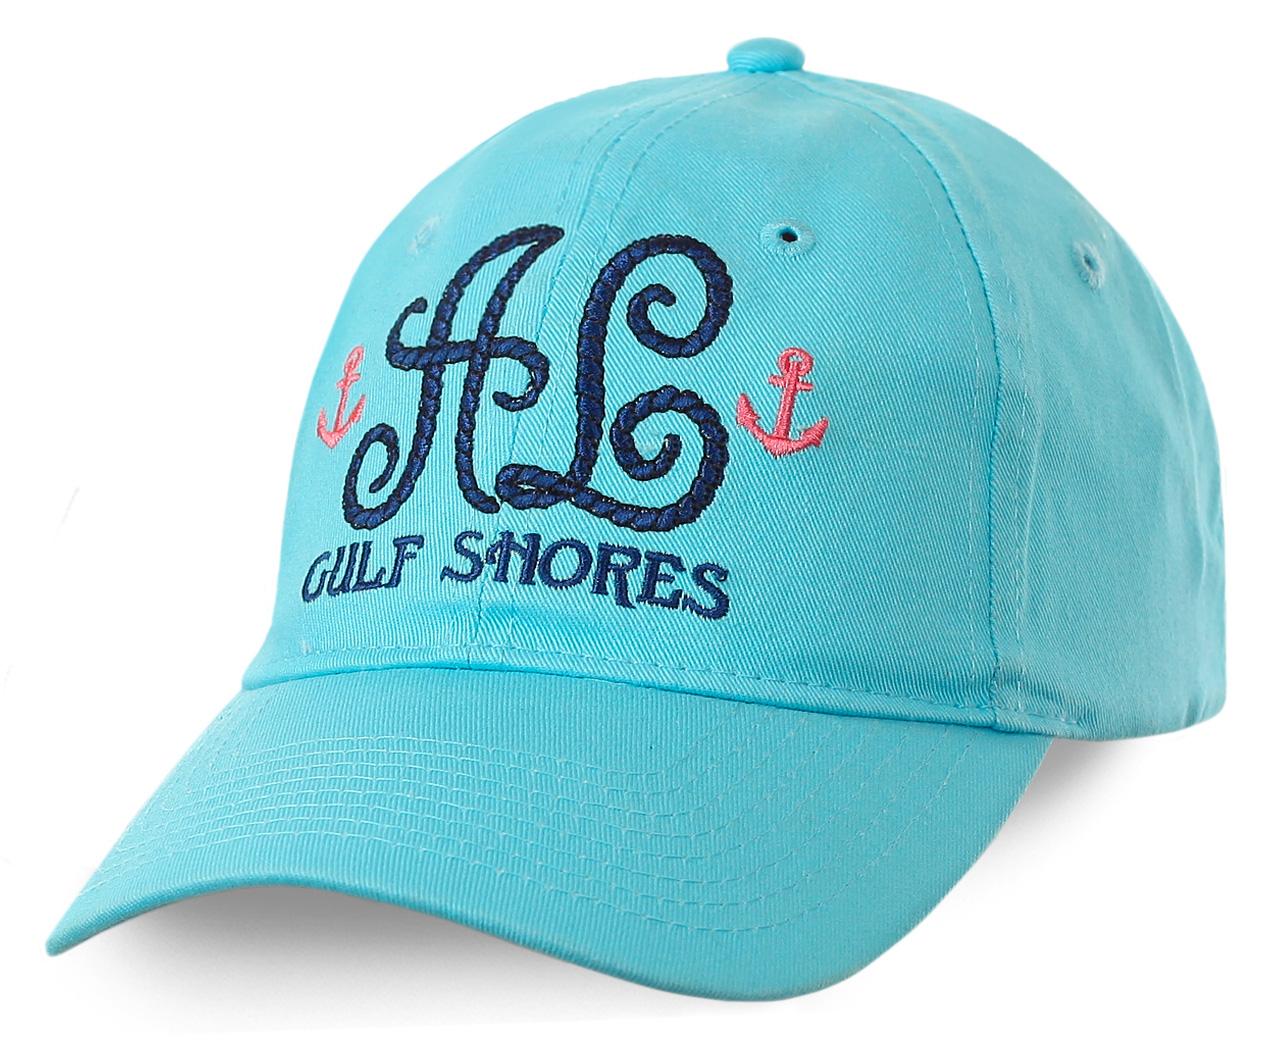 Морская бейсболка Gulf Shores - нежный цвет, аккуратный пошив, отличная женская модель